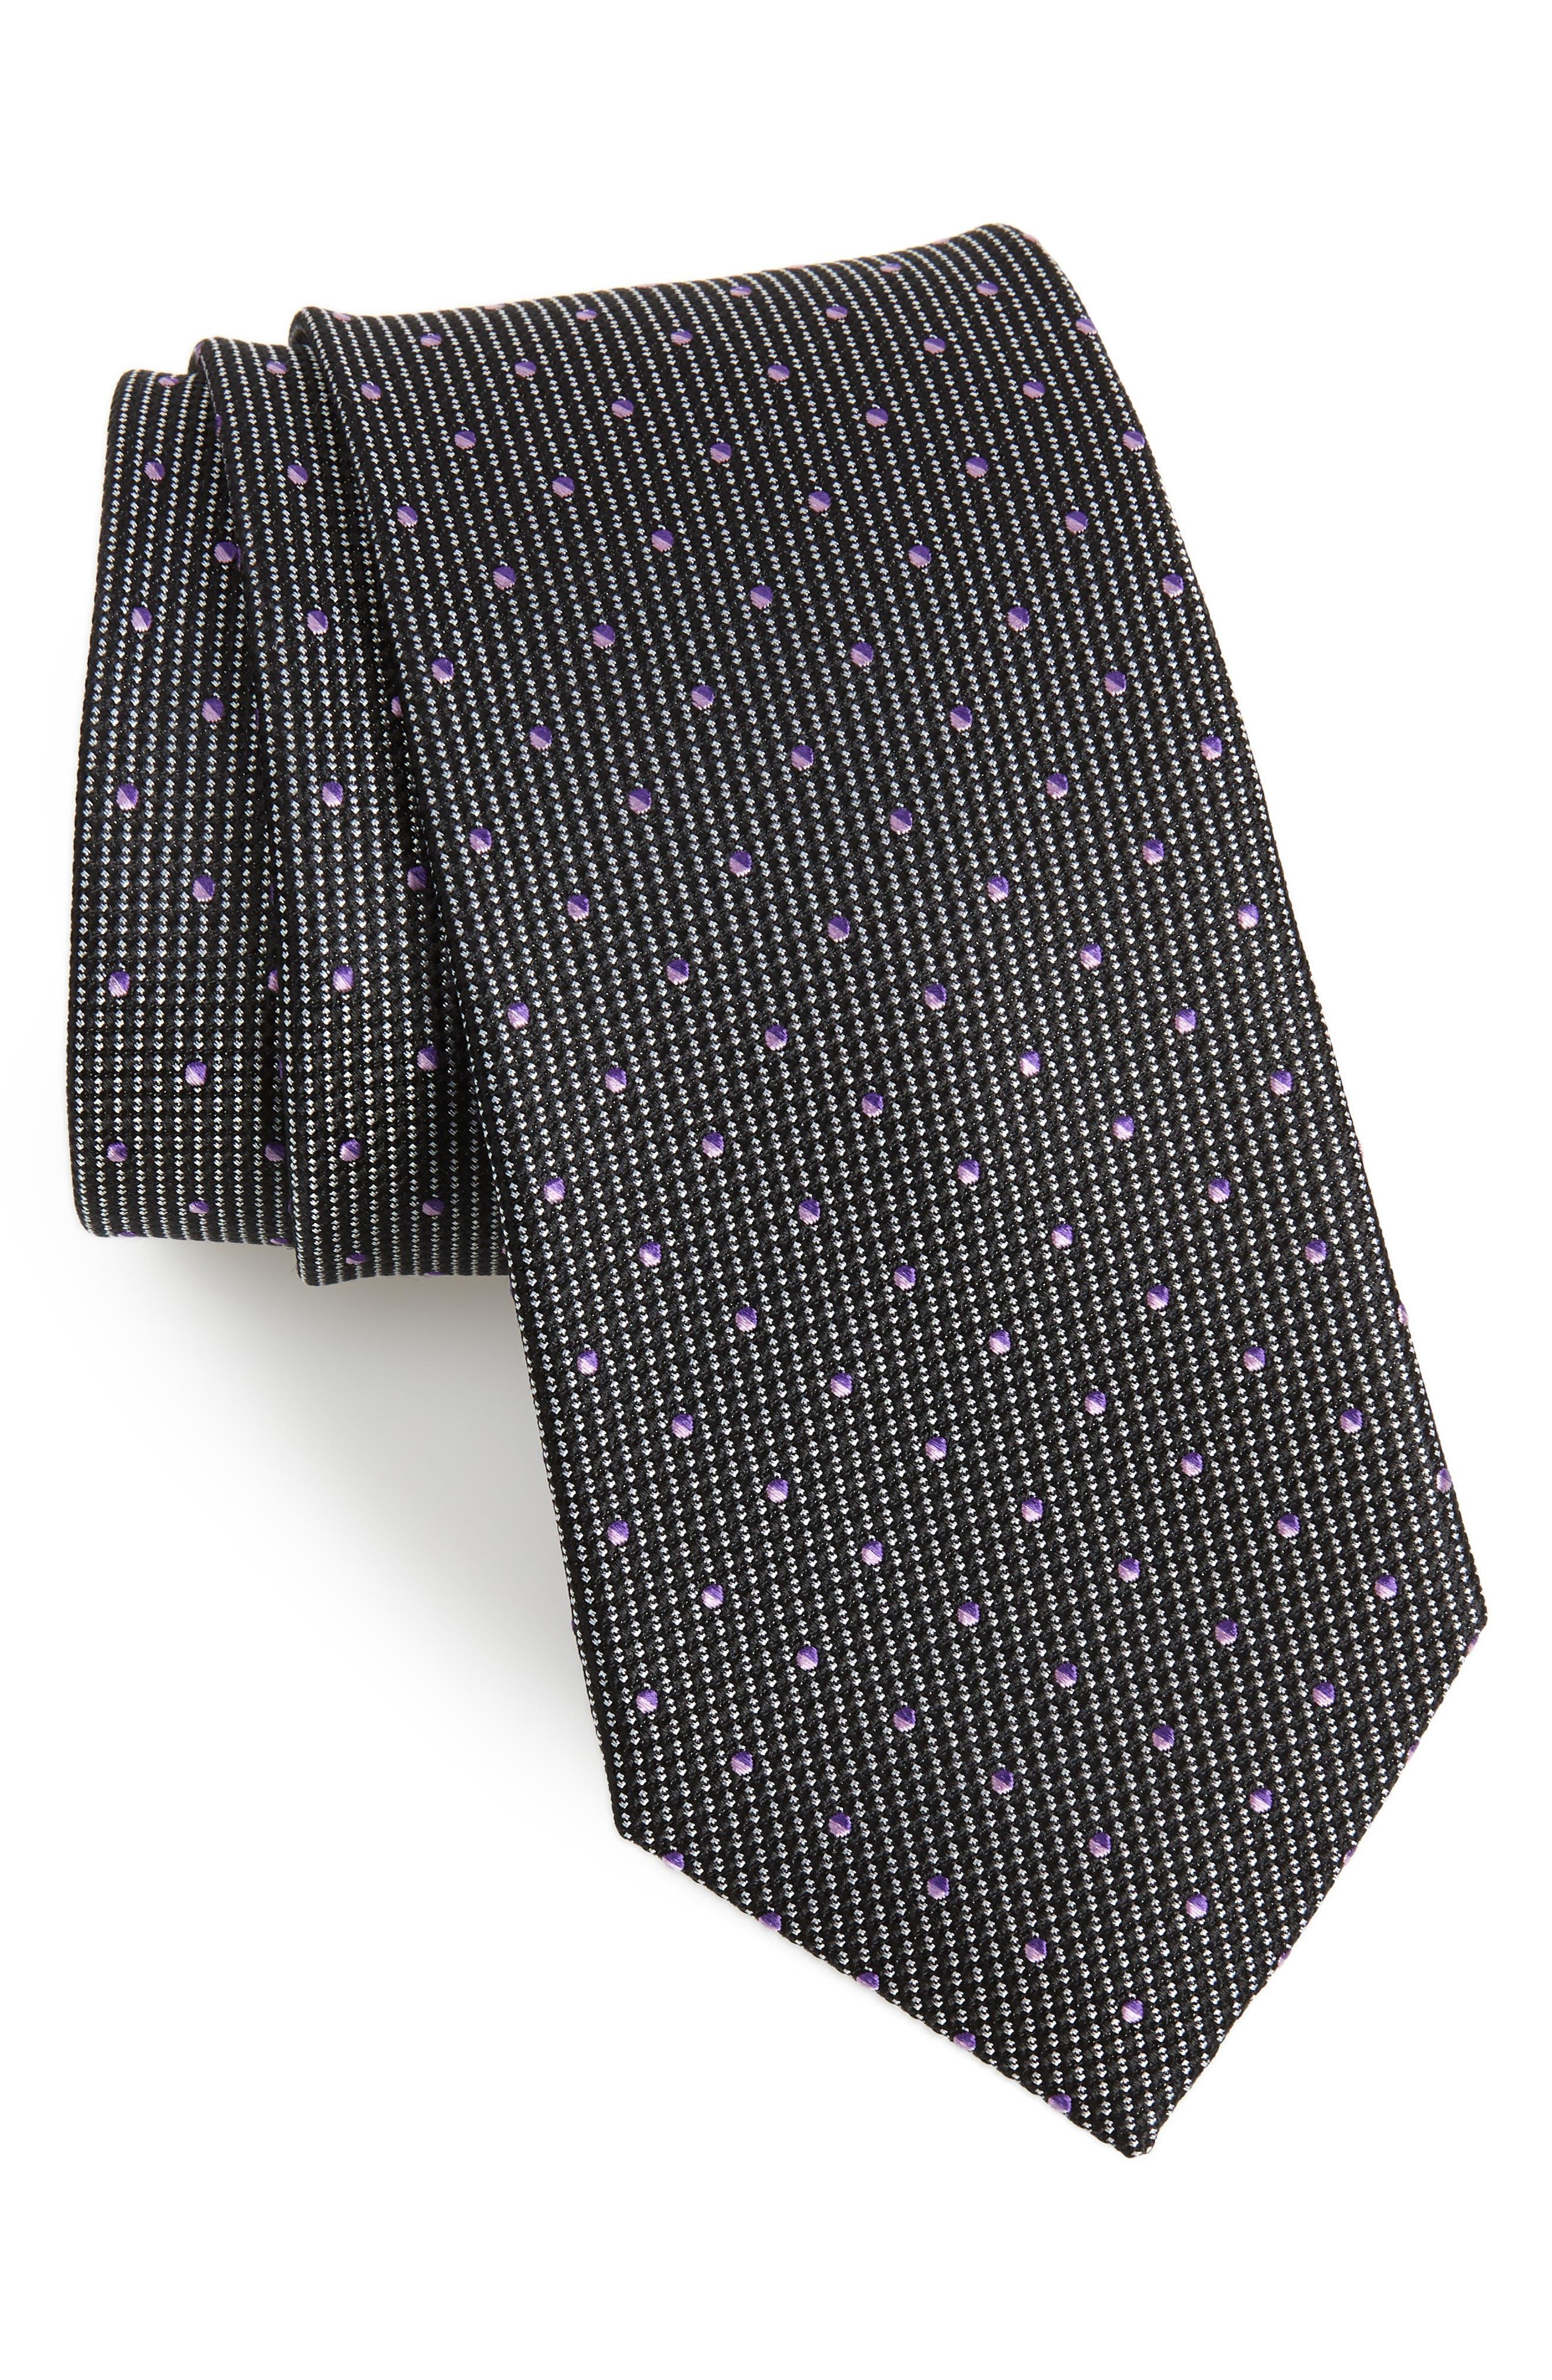 Locarno Dot Silk Tie,                             Main thumbnail 1, color,                             BLACK